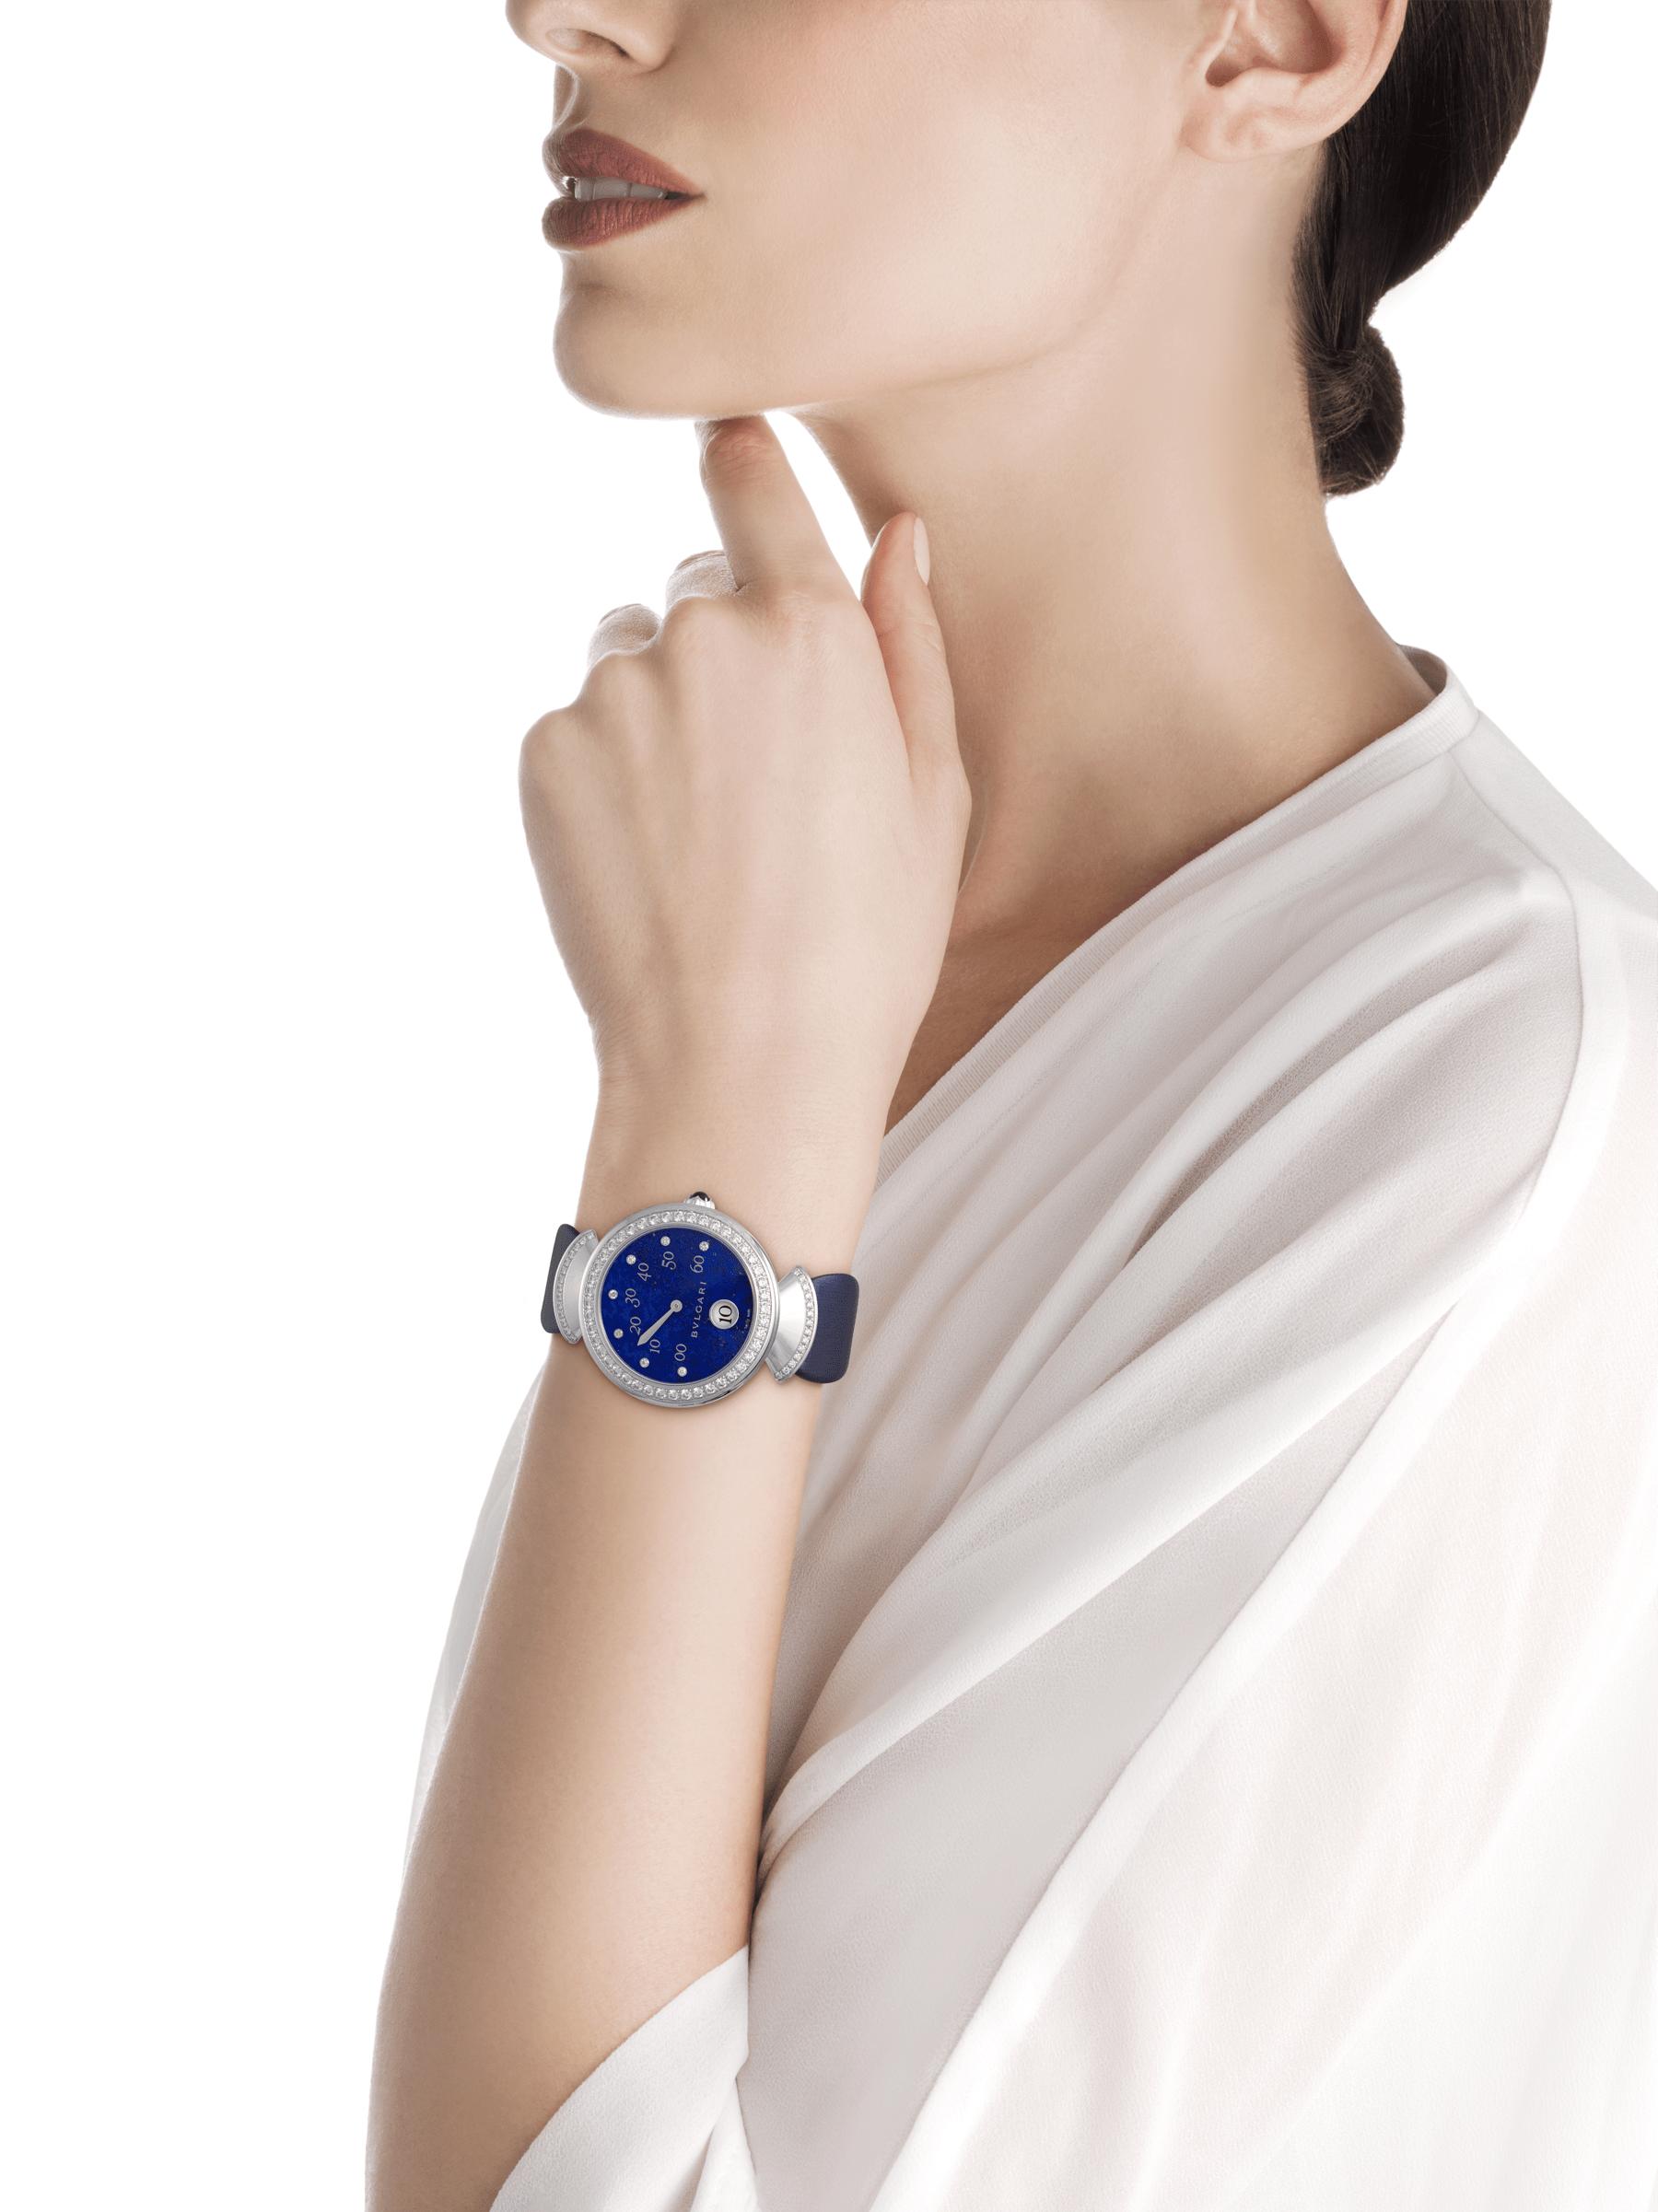 Reloj DIVAS' DREAM con movimiento mecánico de manufactura con horas saltantes, minutos retrógrados (180°) y carga automática. Caja en oro blanco de 18qt con diamantes talla brillante, esfera de lapislázuli con diamantes como índices y correa de raso azul. 102544 image 2